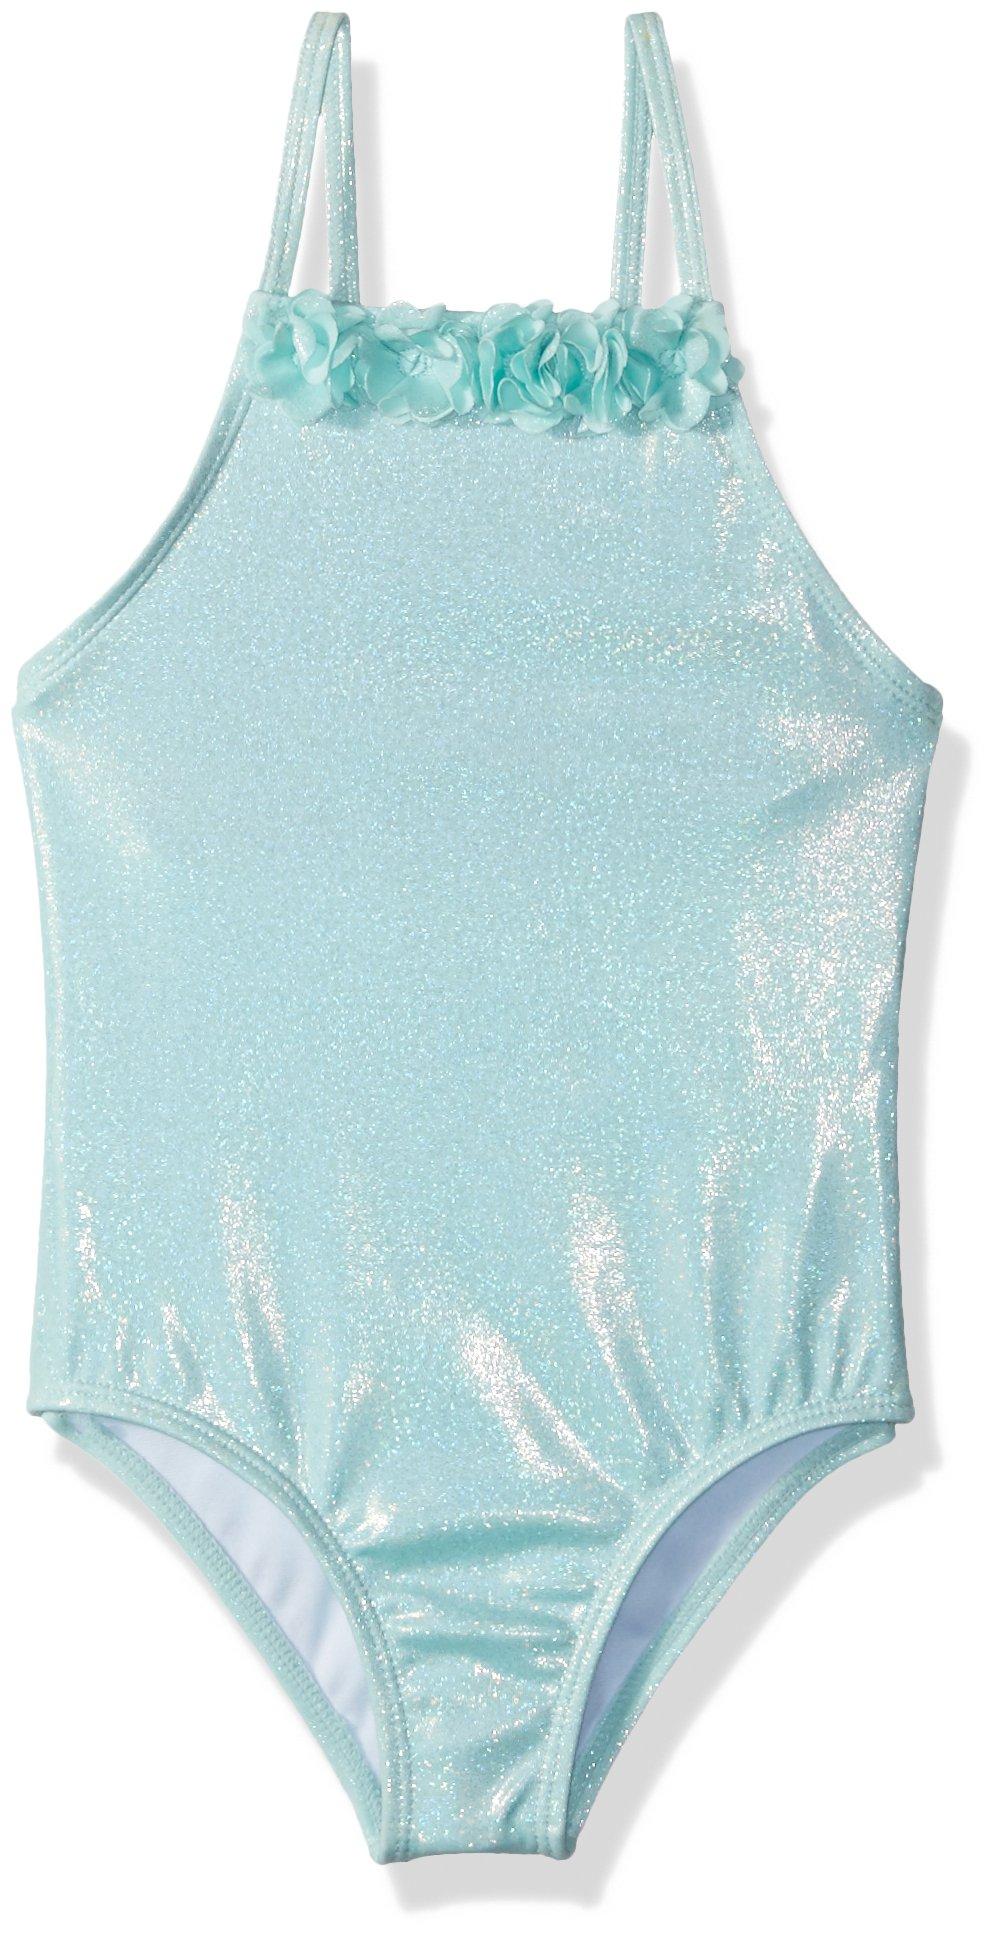 Crazy 8 Toddler Girls' 1-Piece Metallic Swimsuit, Aqua Rosette, 3T